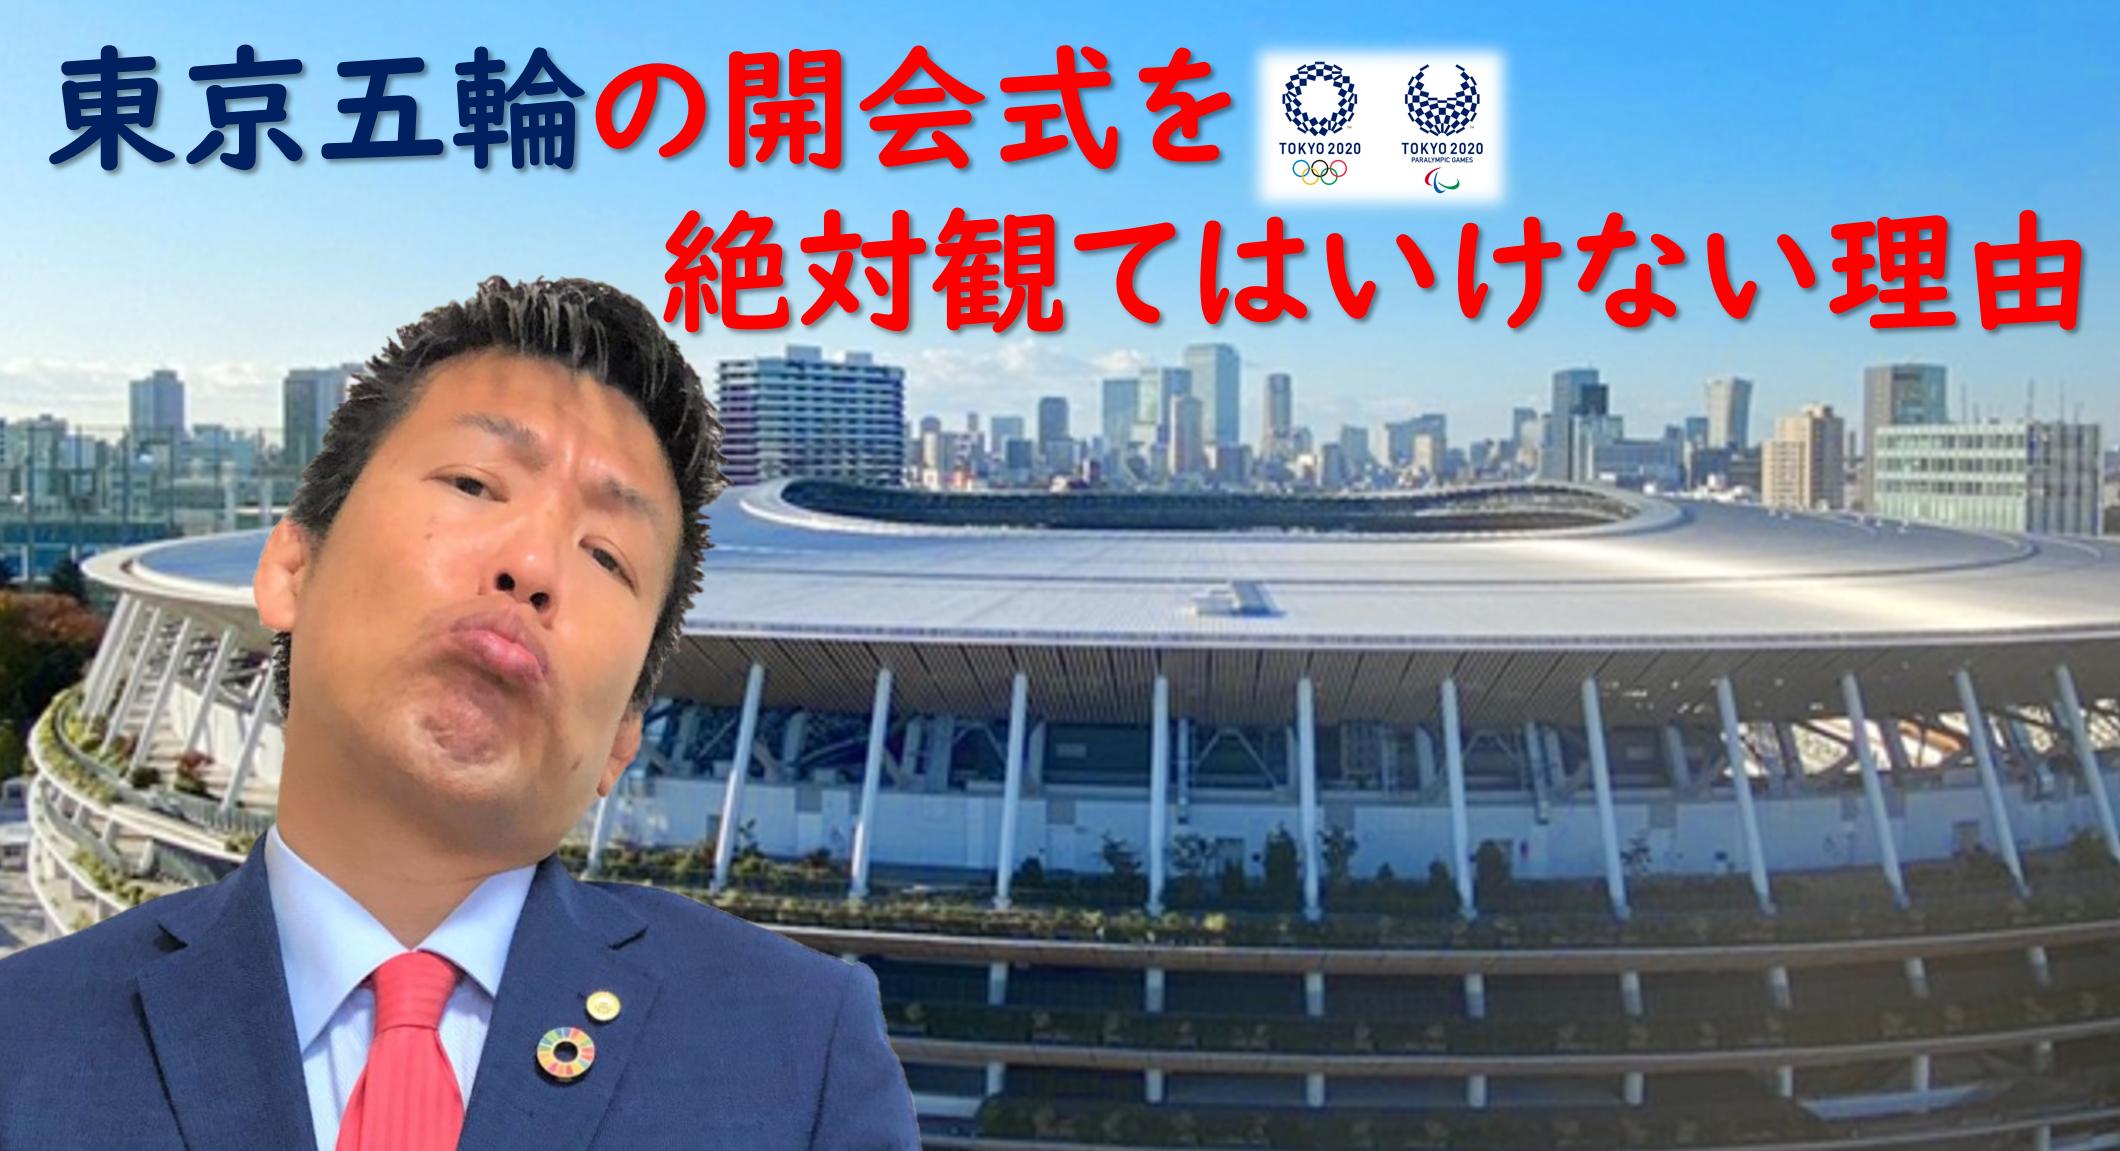 東京五輪開会式 小山田圭吾 イジメ加害